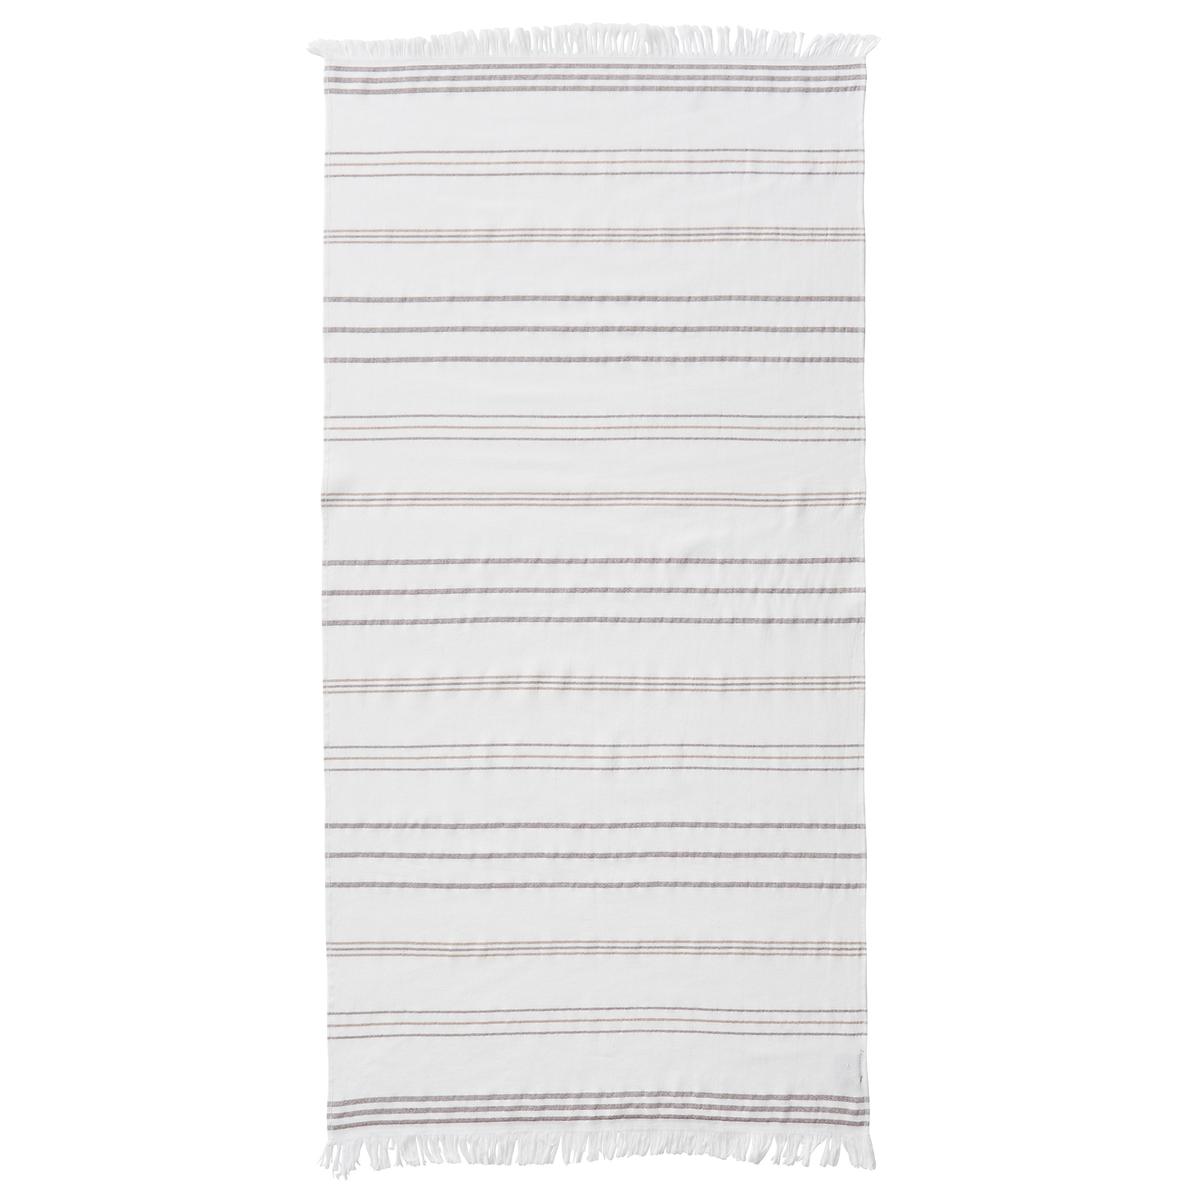 Полотенце пляжное IspartaПляжное полотенце Isparta. Традиционное полотенце для посещений  хамамов в Тунисе теперь используется как пляжное.Описание пляжного полотенца  Isparta :Рисунок в тонкую полоску, отделка бахромойХарактеристики пляжного полотенца Isparta :100% хлопок.300 г/м?.Машинная стирка при 40 °С.Размеры пляжного полотенца Isparta :70 x 140 см<br><br>Цвет: карамель,темно-синий